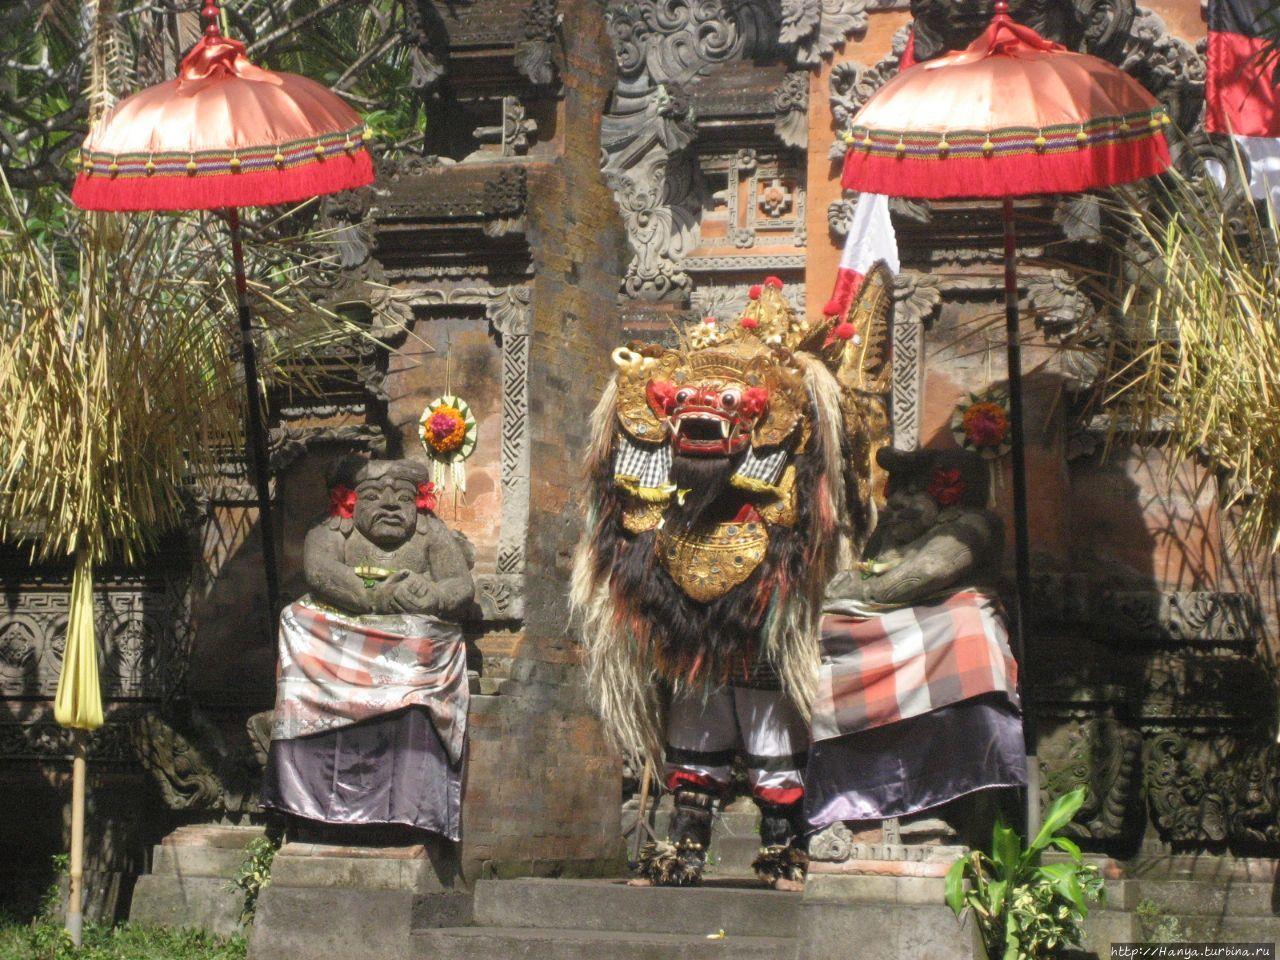 Баронг с маской льва